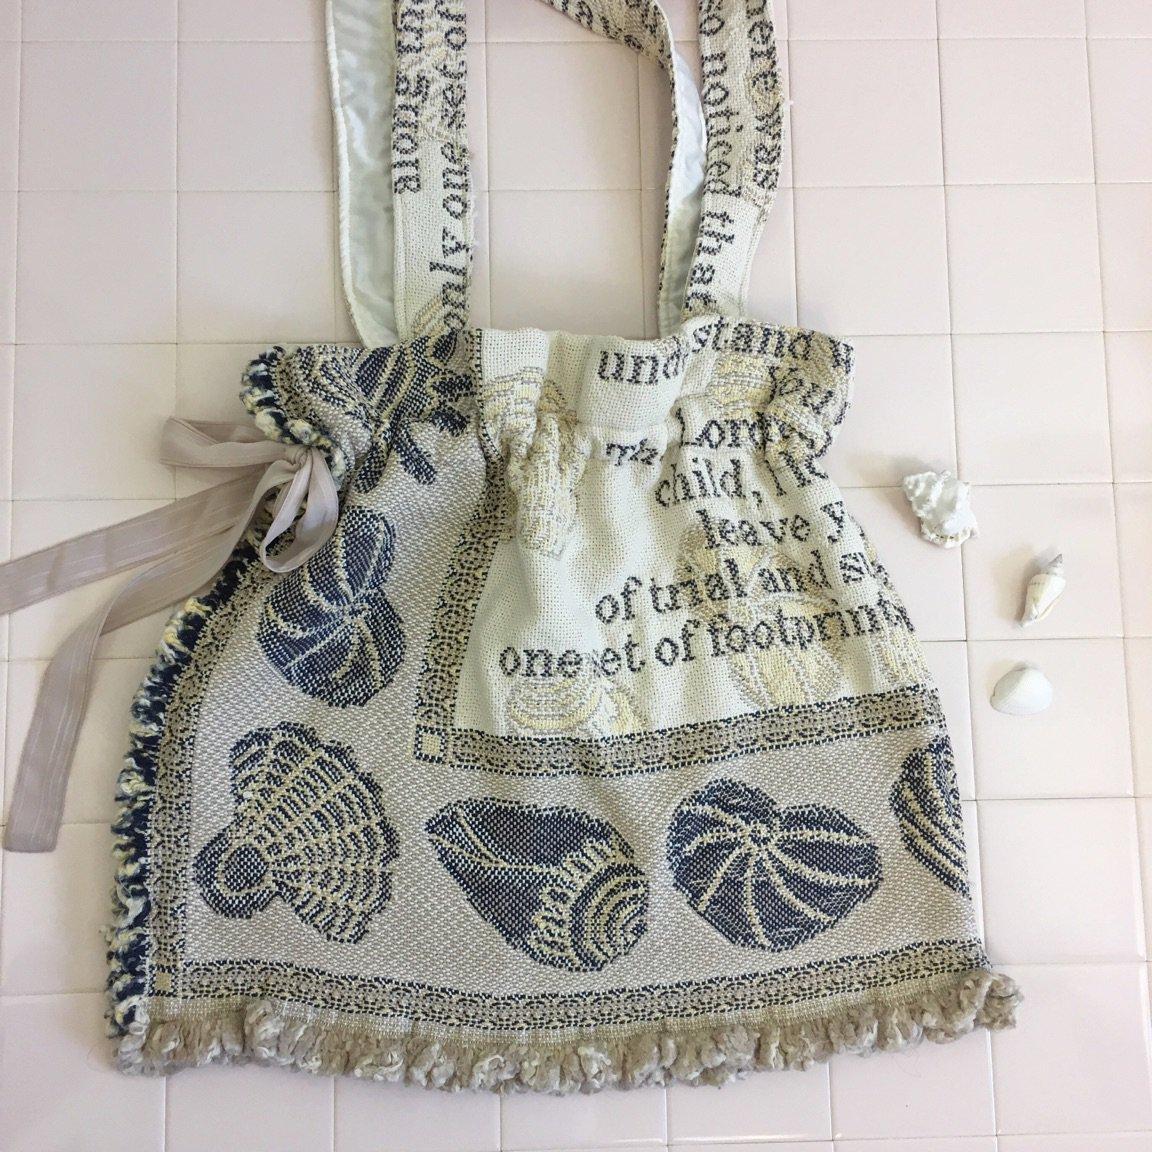 貝殻リメイク巾着トートバッグ